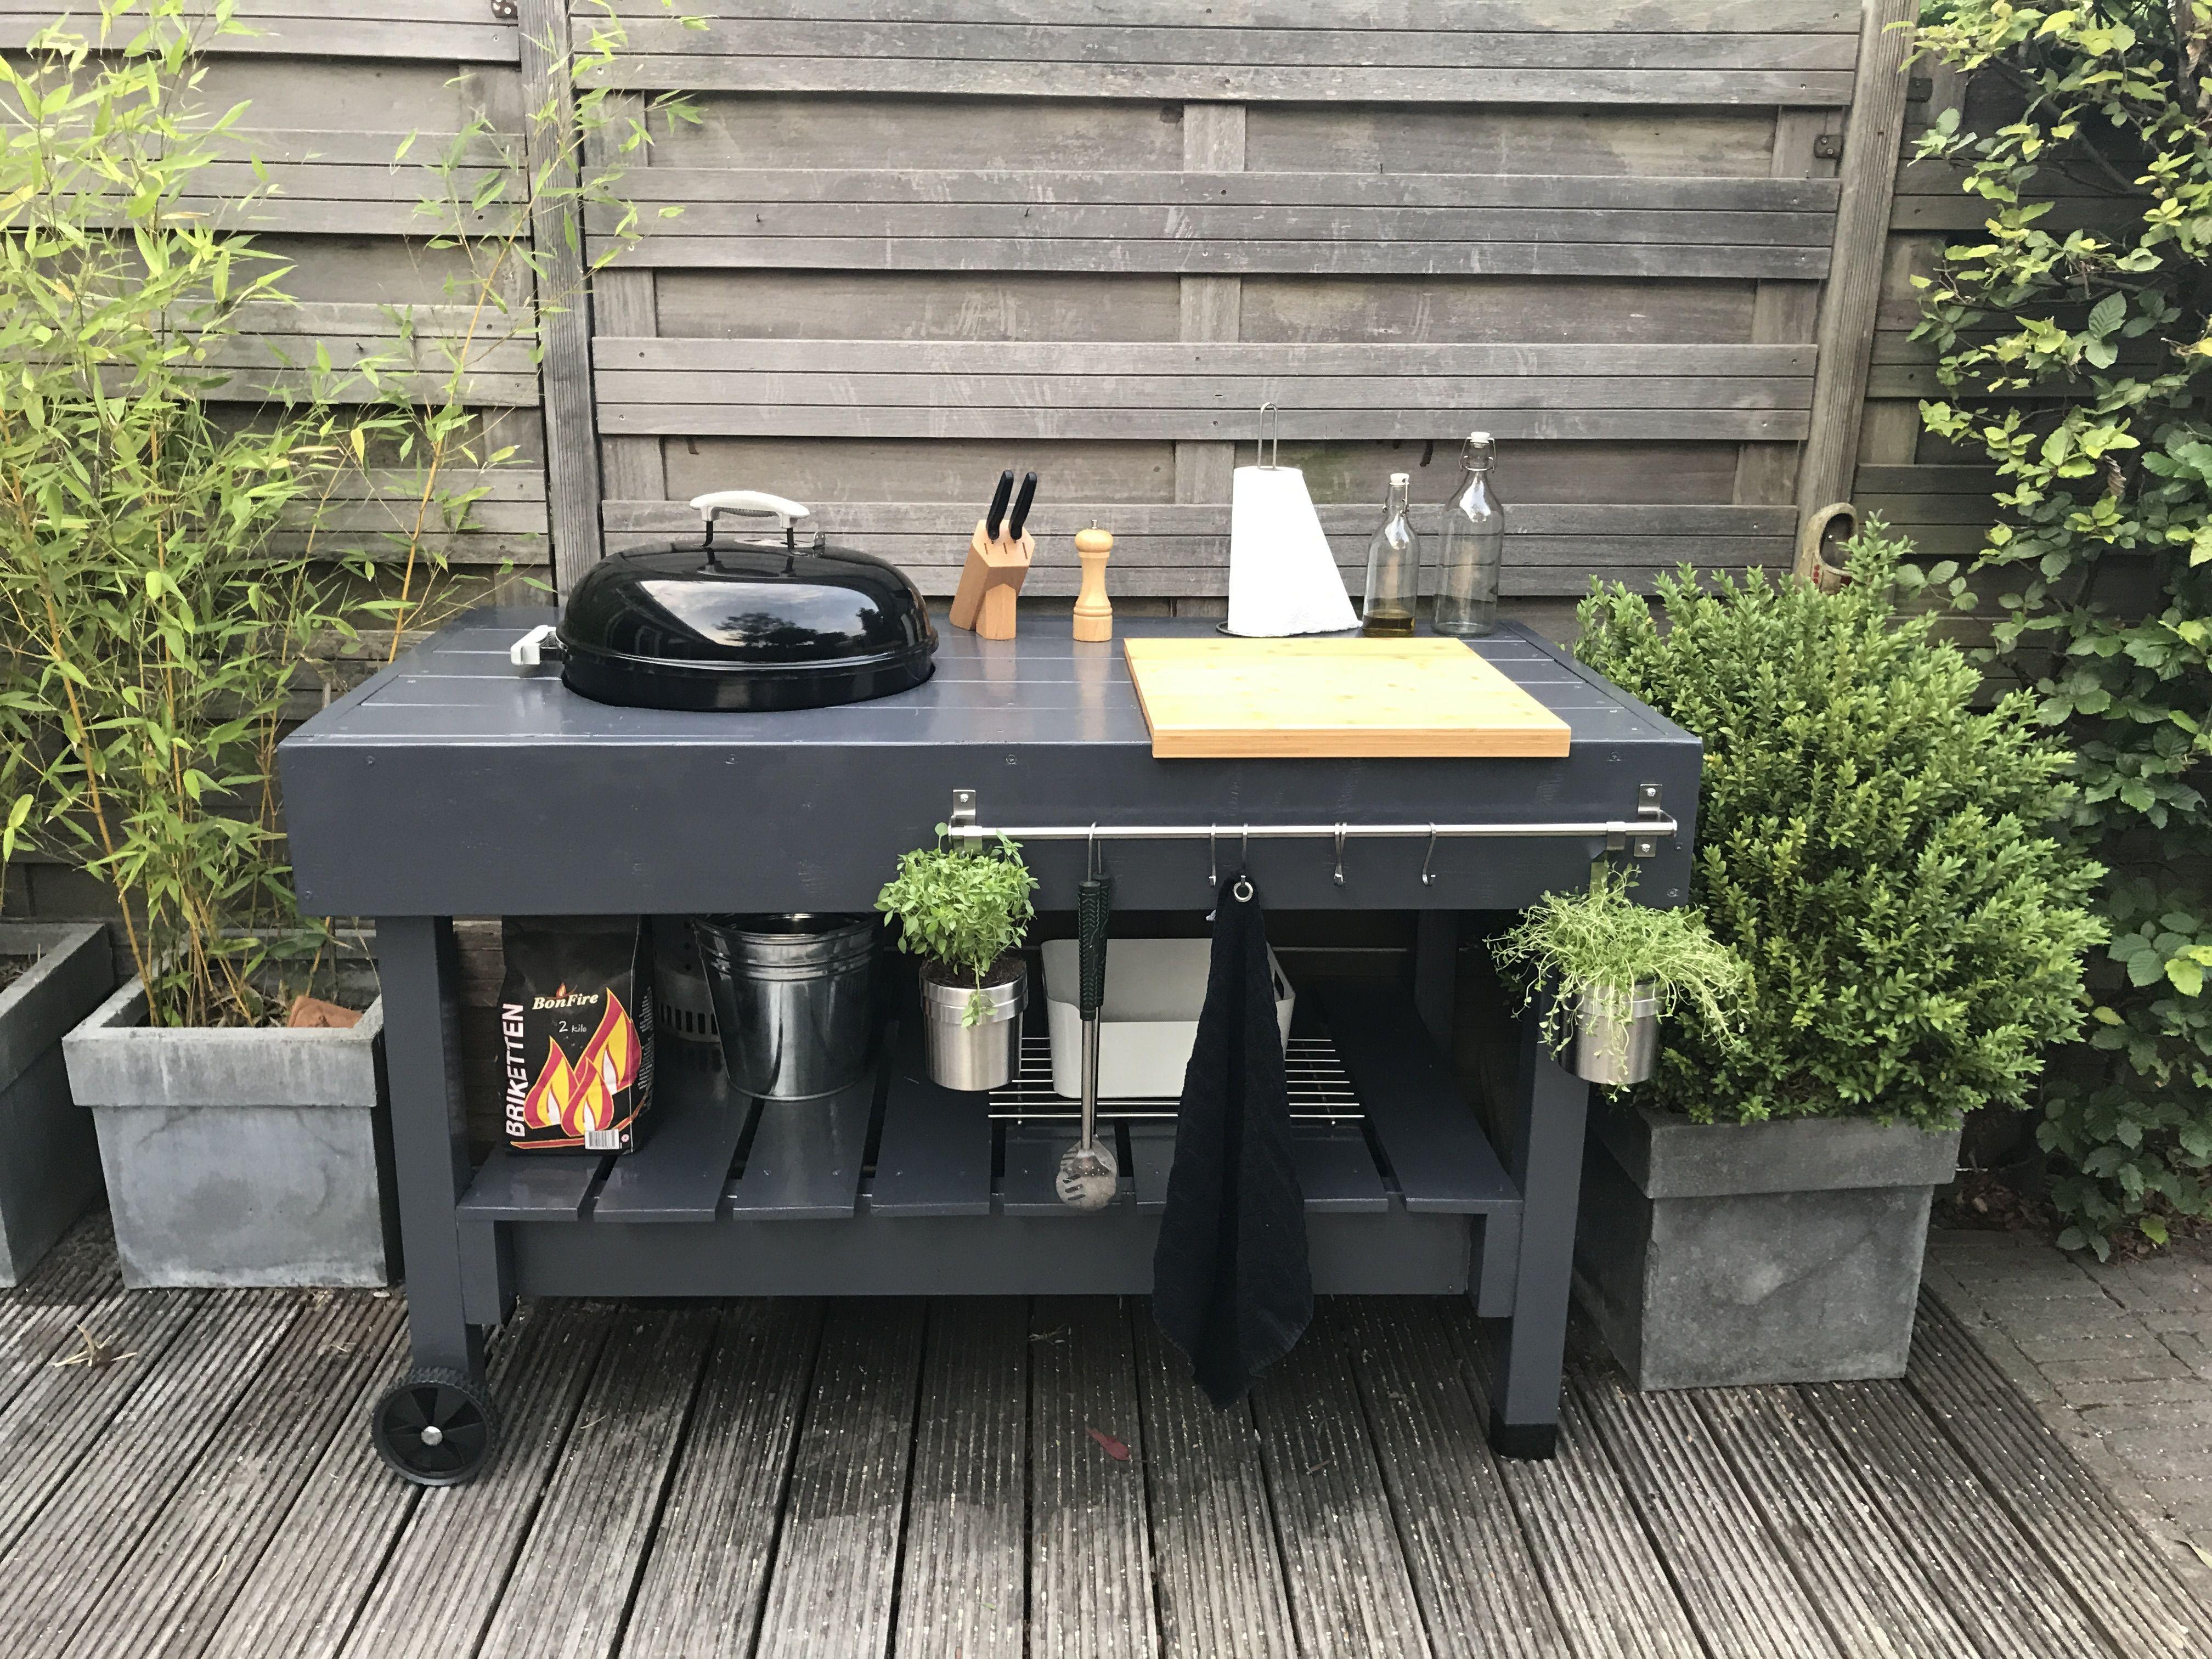 Outdoorküche weber bbq : Weber bbq station outdoorküche projekte und bau